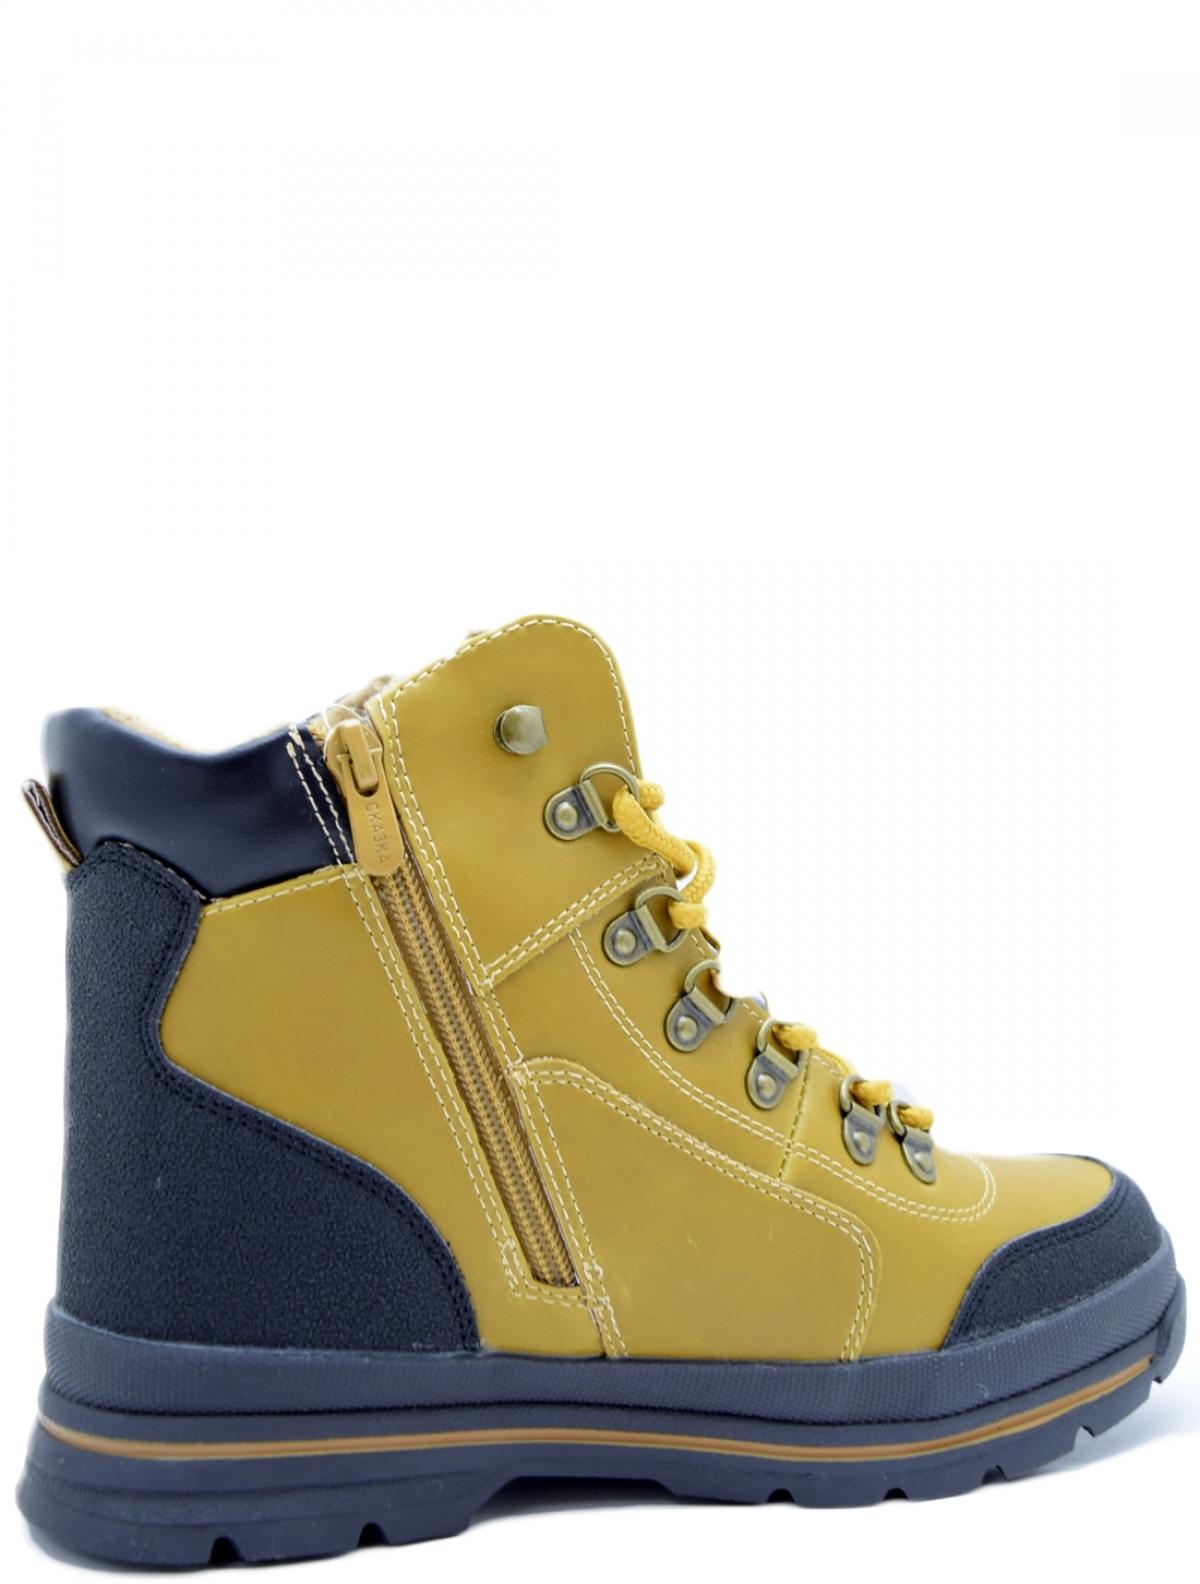 Сказка R876038351-12 детские ботинки